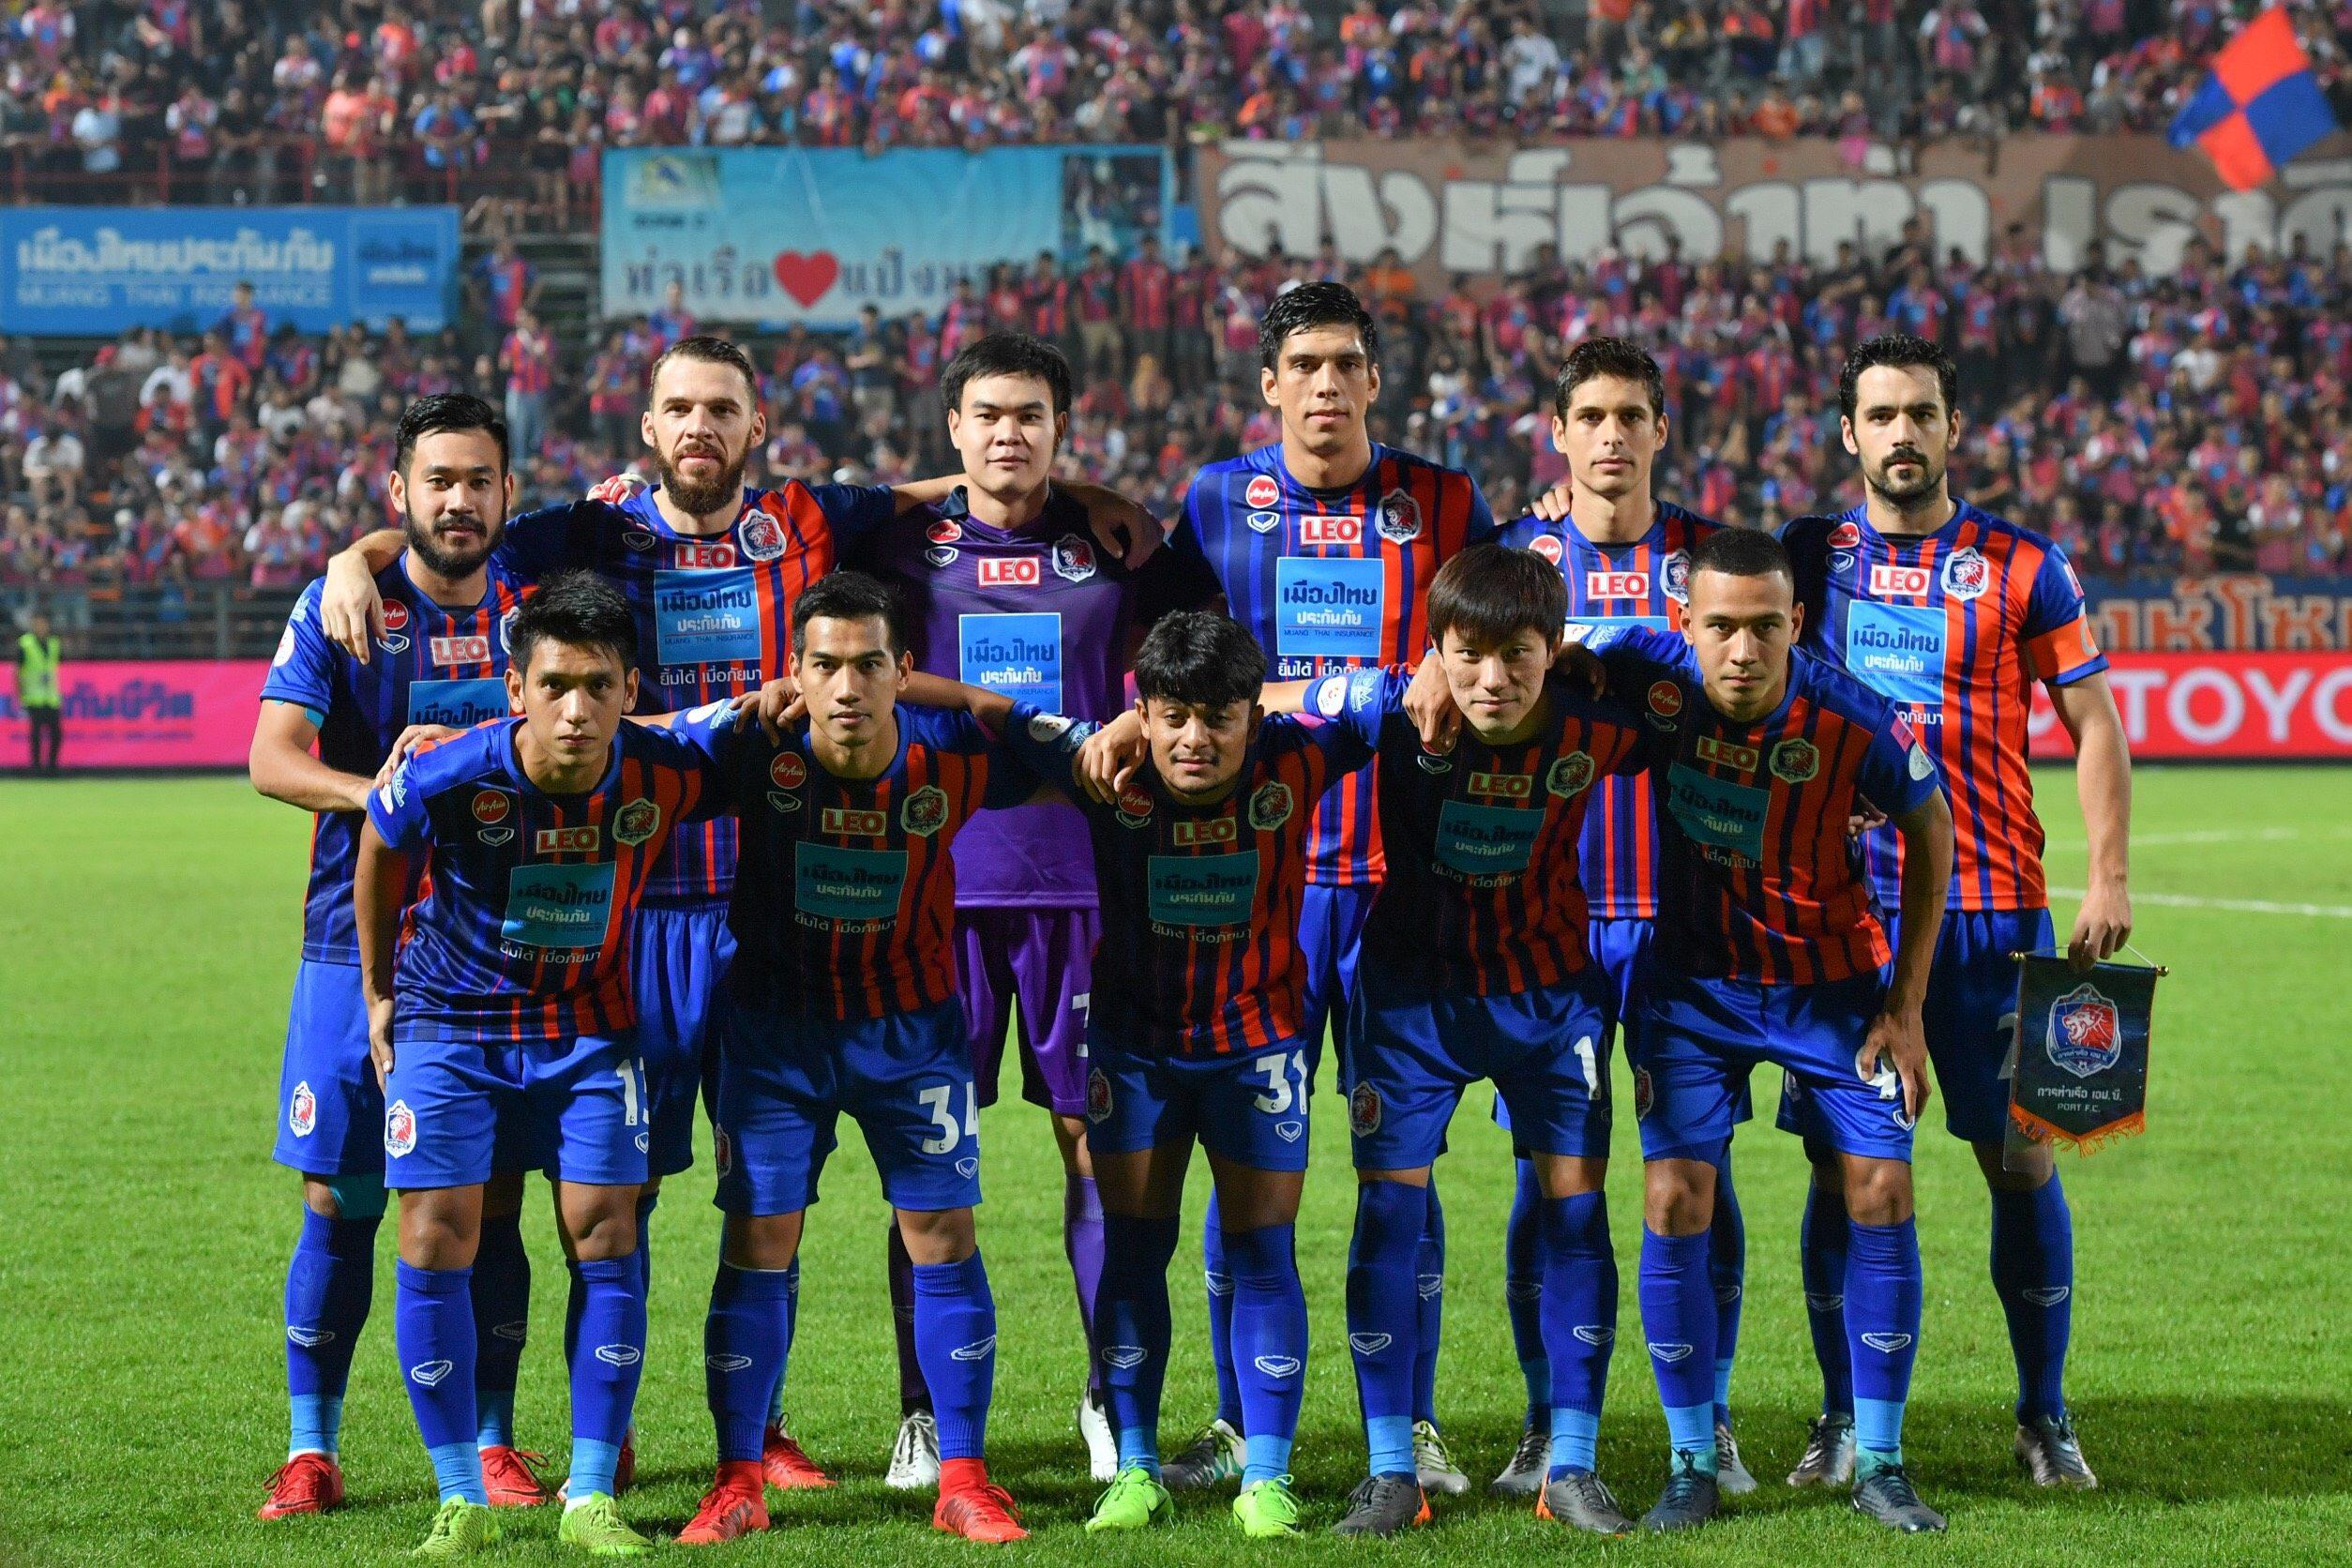 วิเคราะห์บอลไทย ช้างเอฟเอคัพ 2019